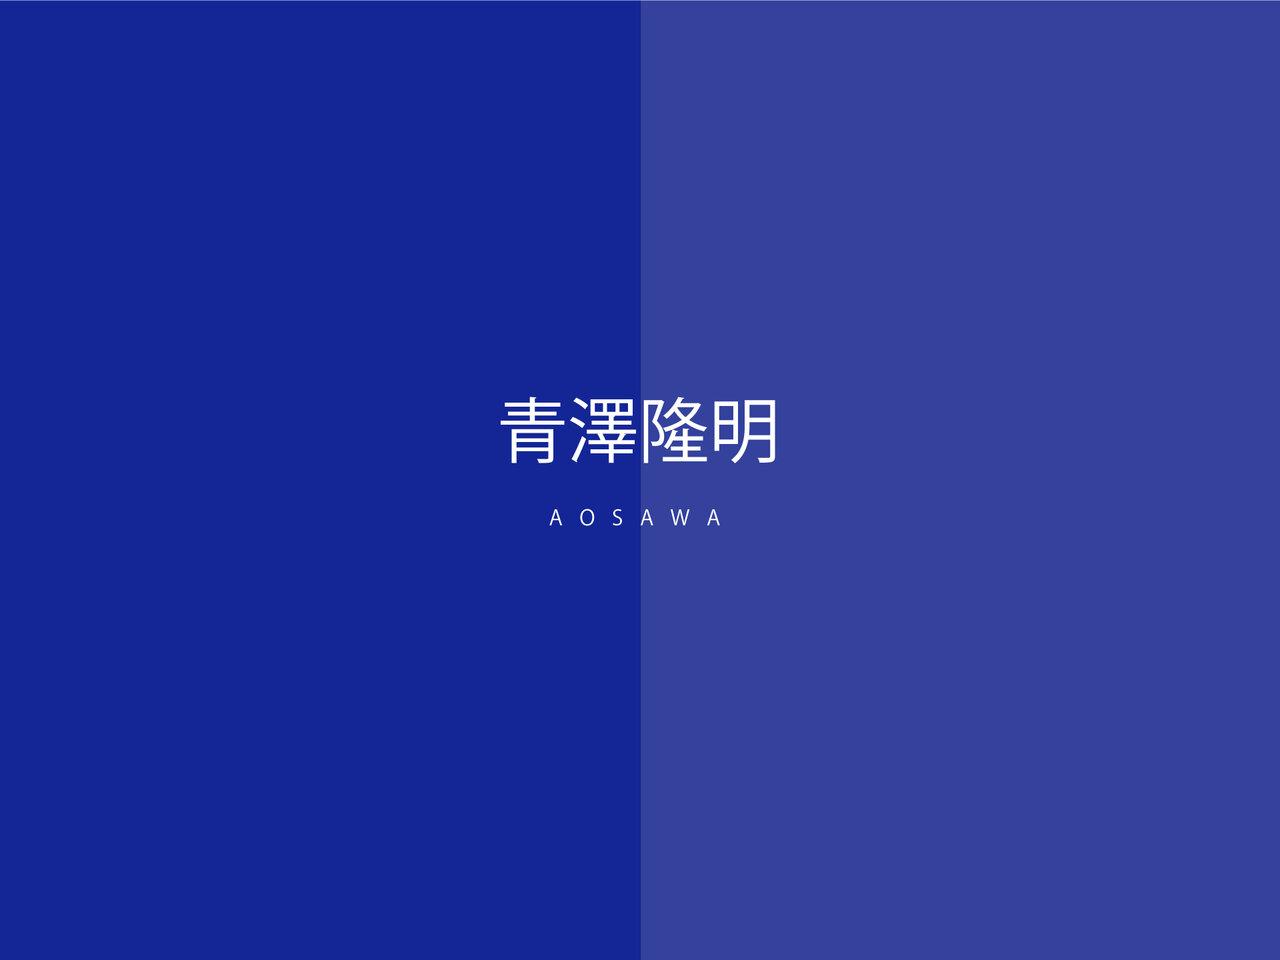 制限されたなかでの多様性 - フェスタサマーミューザ KAWASAKI 2020を聴いて(2)